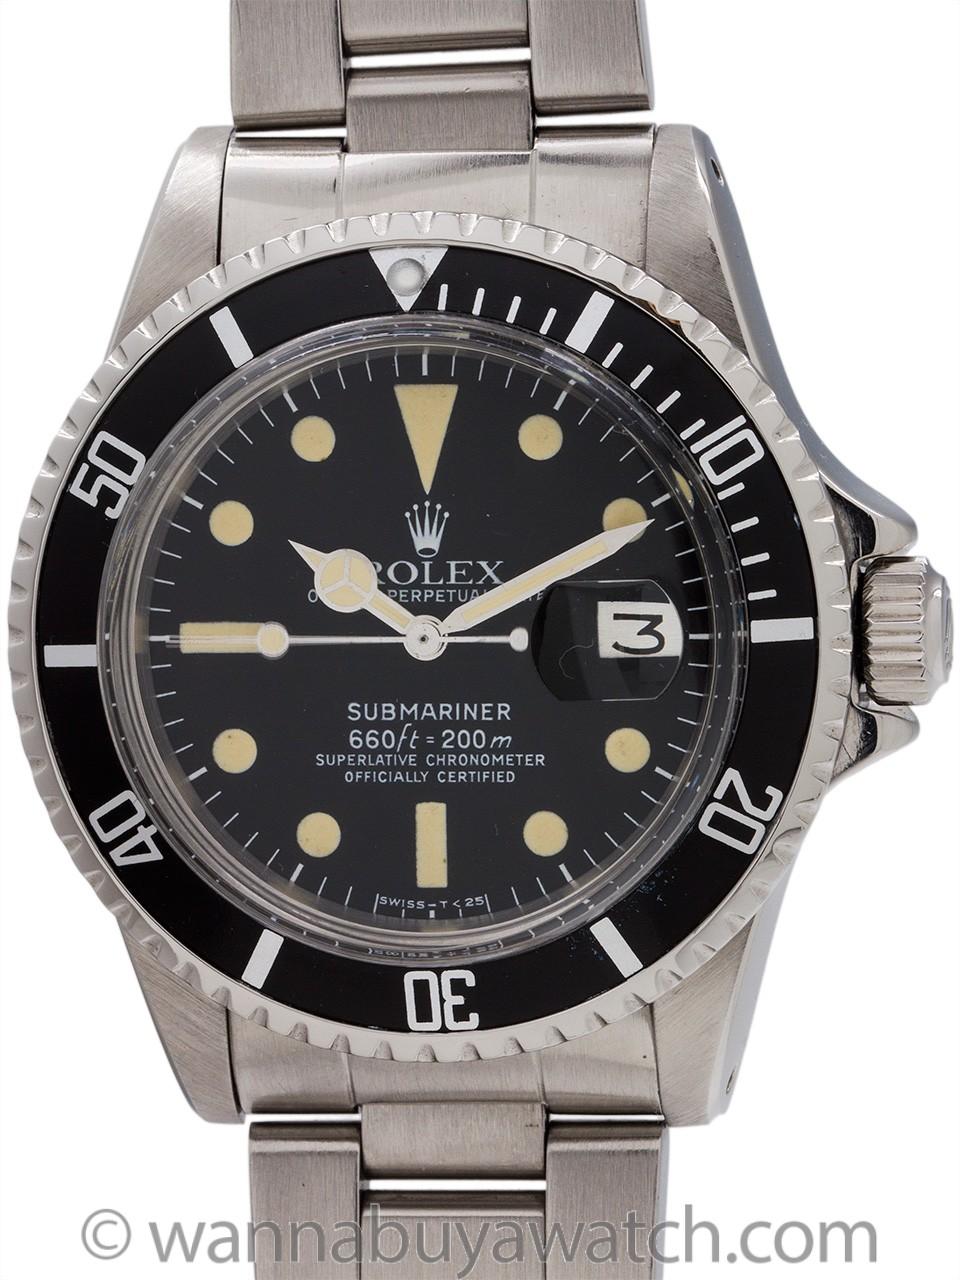 Rolex Date Submariner ref# 1680 circa 1977